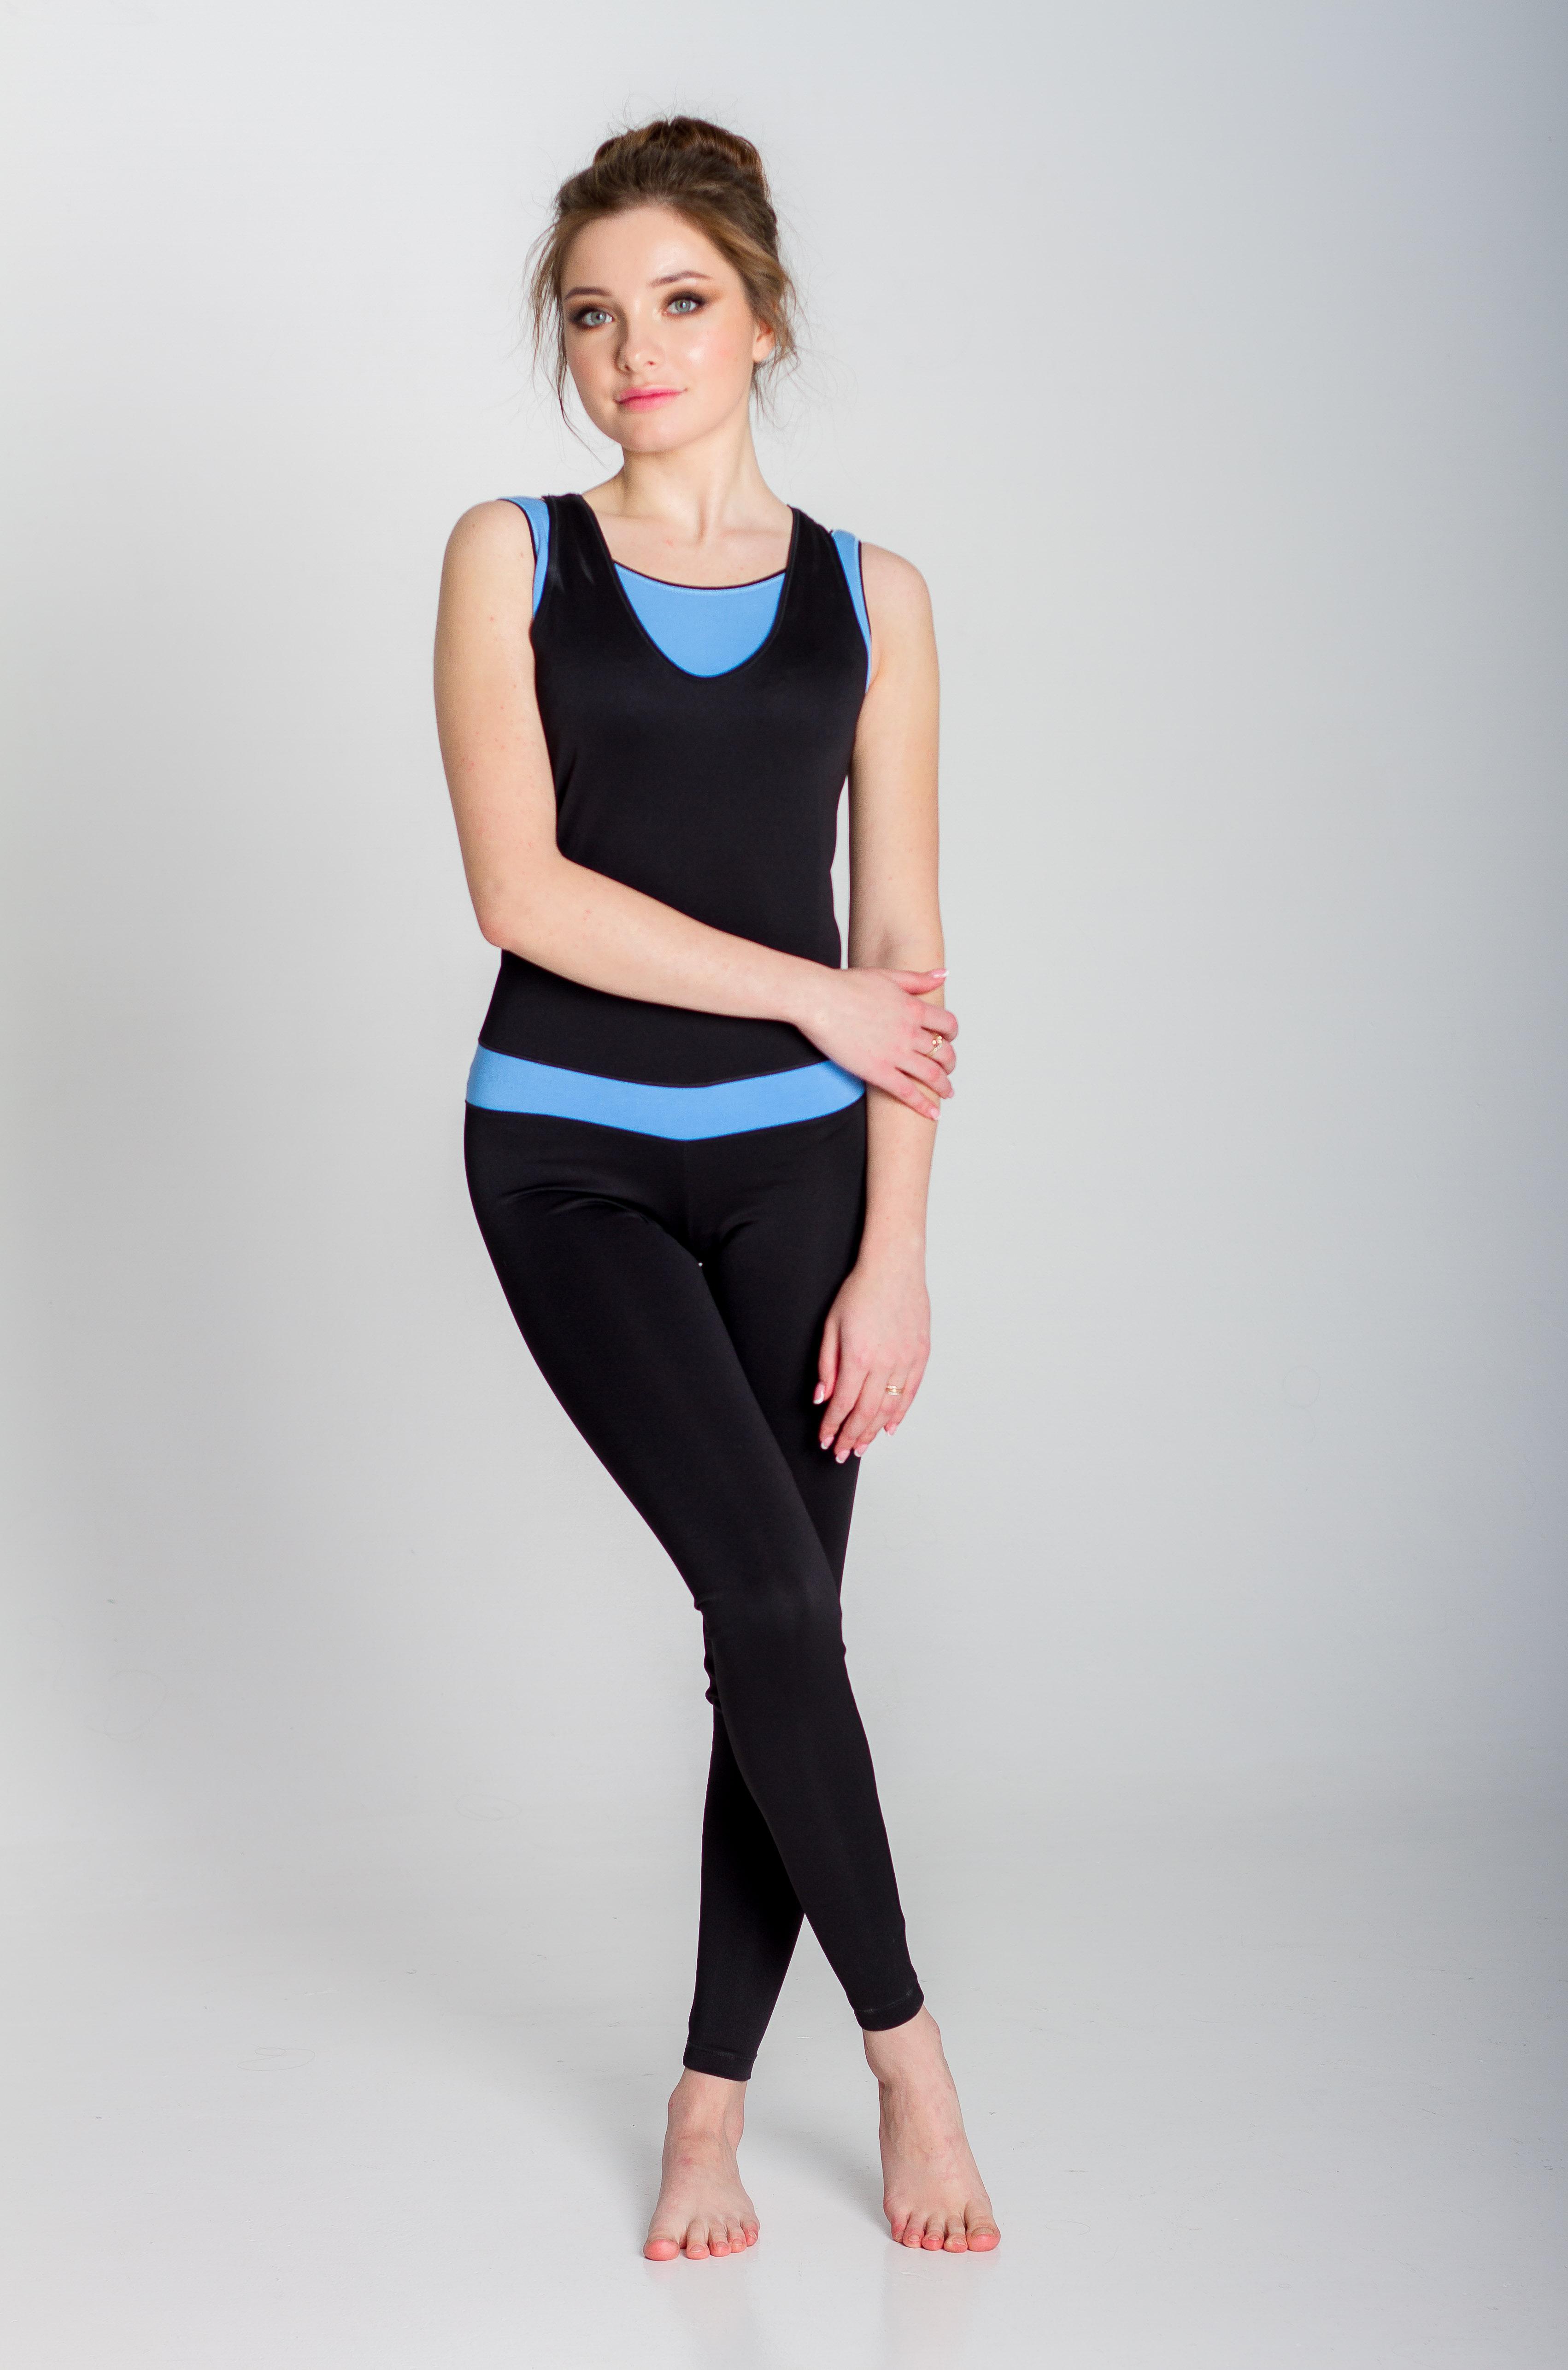 Комбинезон для йоги и фитнеса Селена (170см, S(44), голубой)